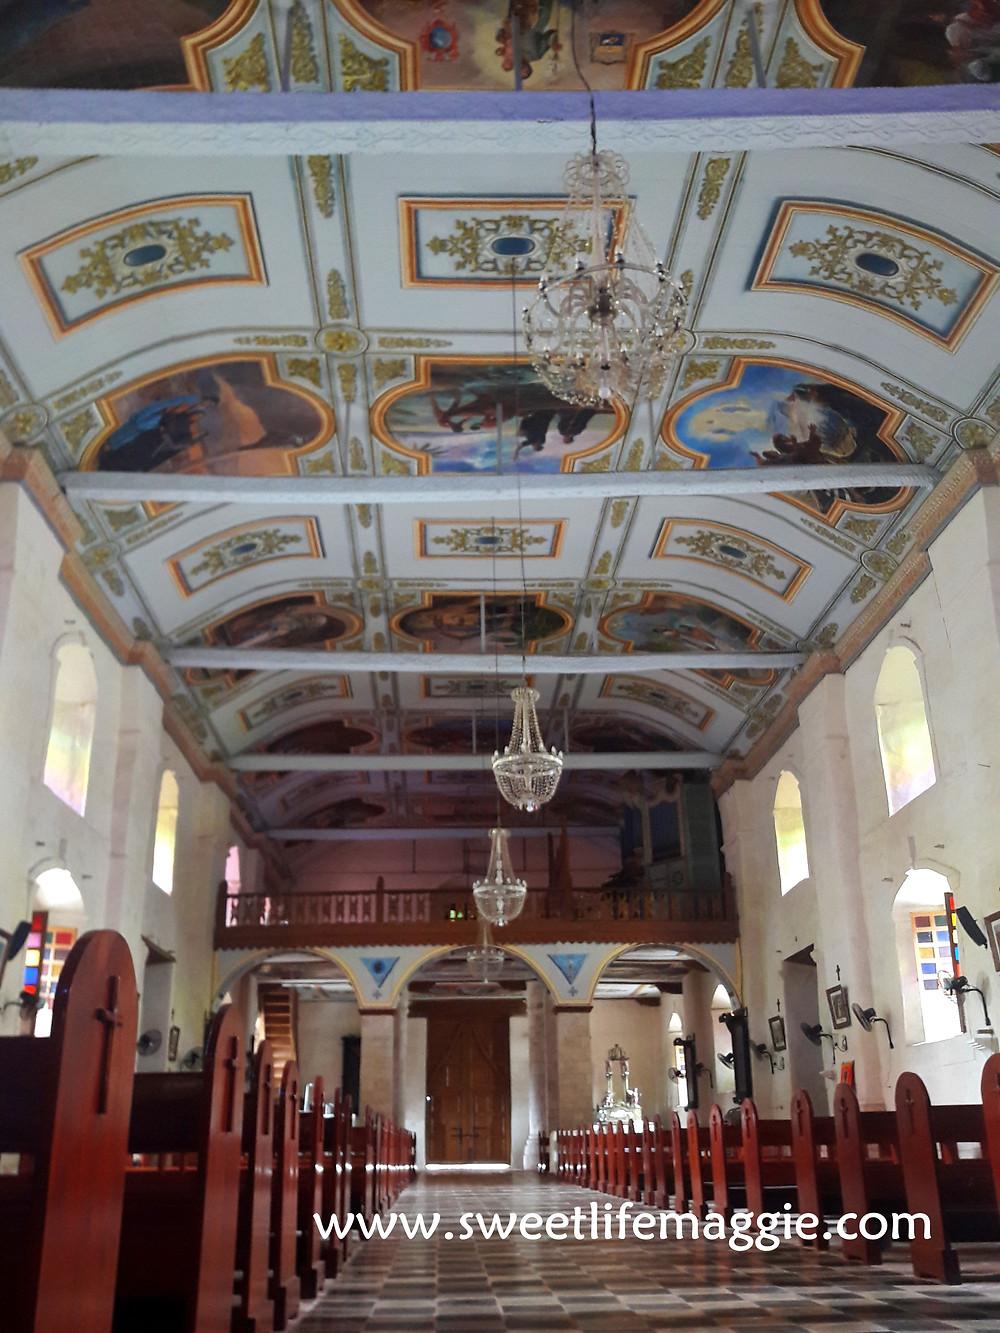 Baclayon Church Ceiling